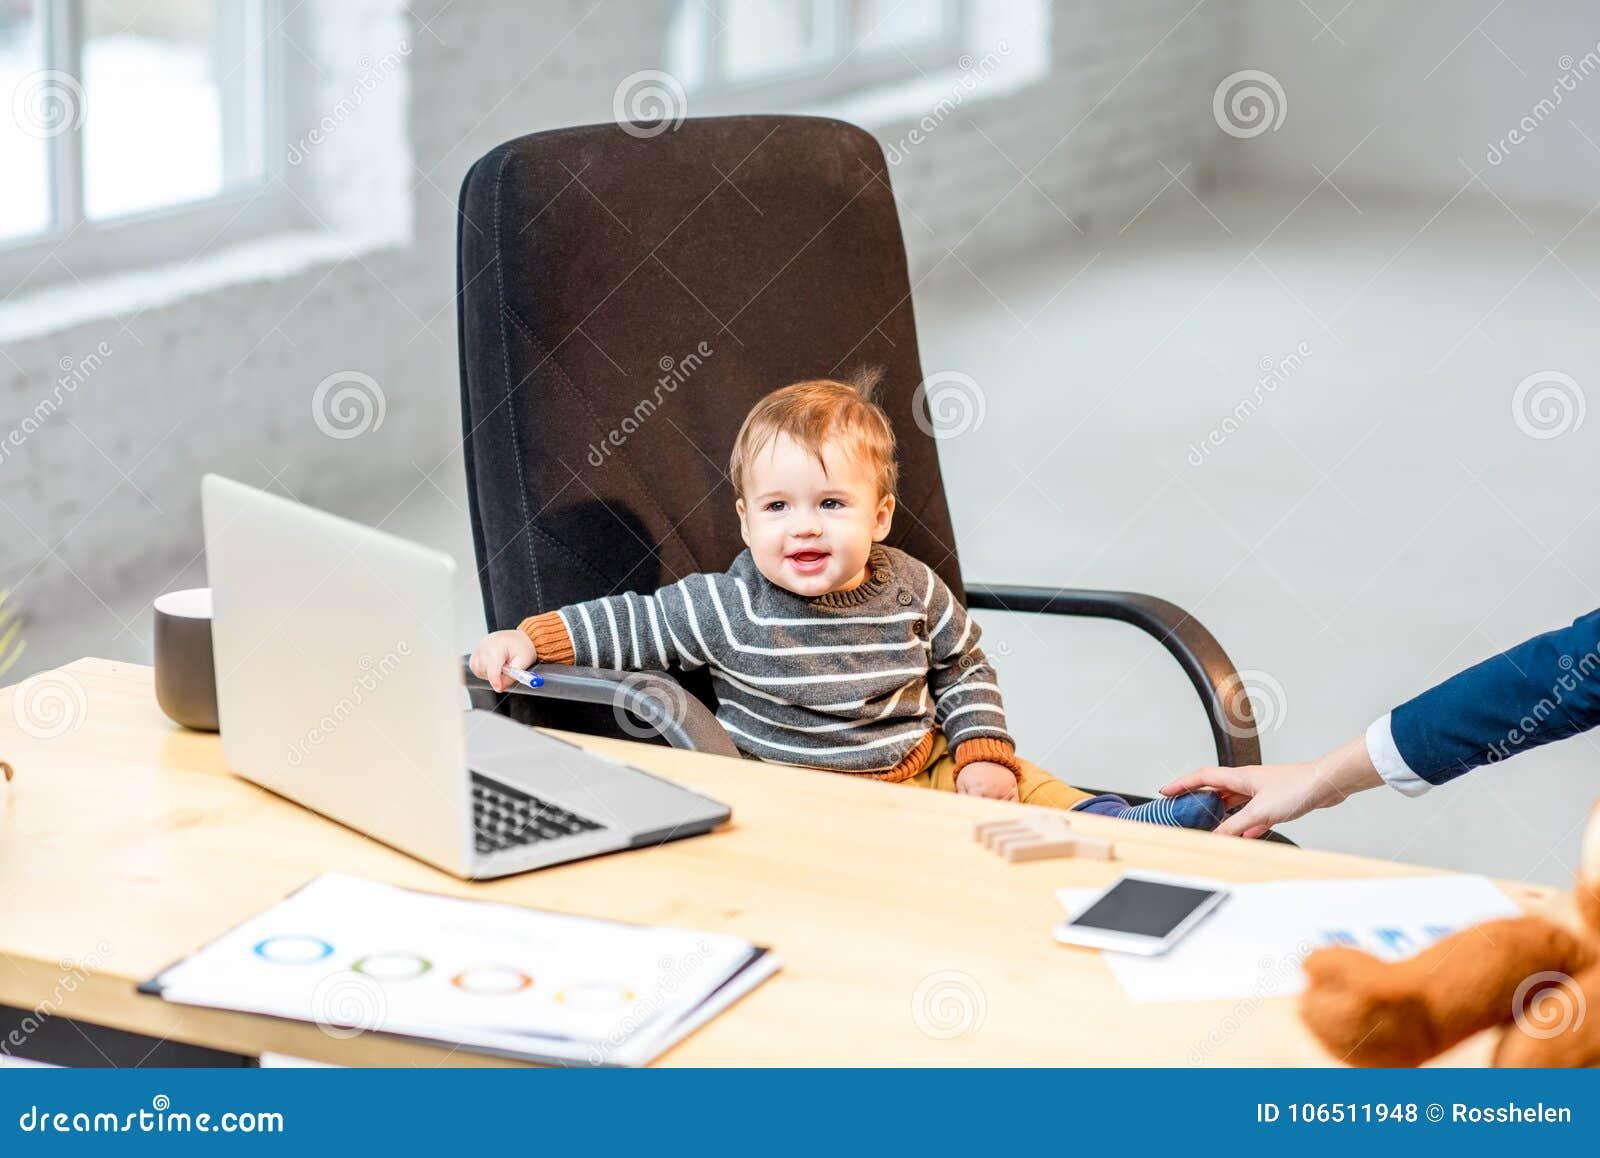 Босс младенца на офисе